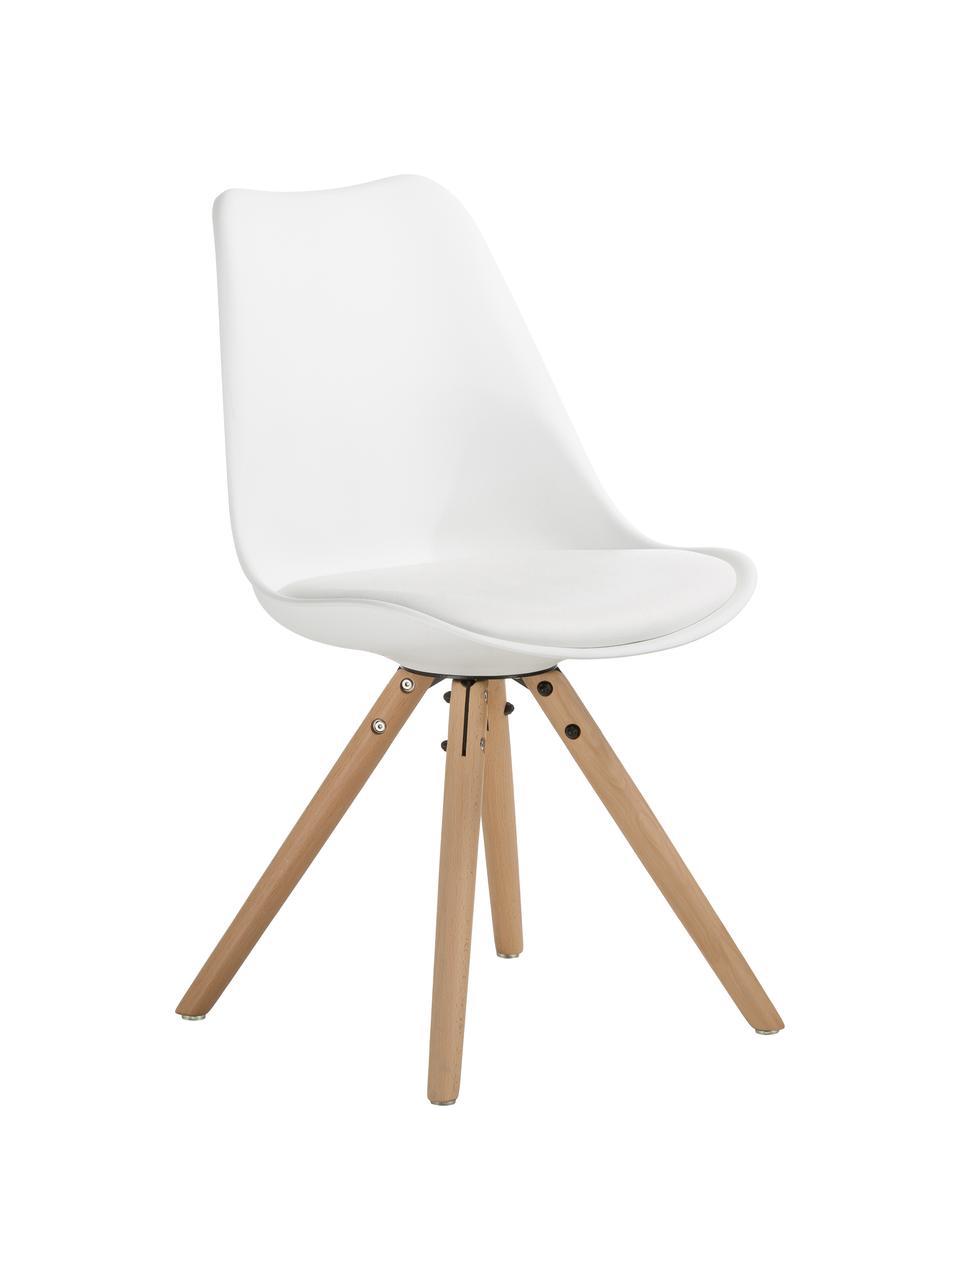 Kunststoffstühle Max in Weiß, 2 Stück, Sitzfläche: Kunstleder (Polyurethan) , Sitzschale: Kunststoff, Beine: Buchenholz, Weiß, B 46 x T 54 cm